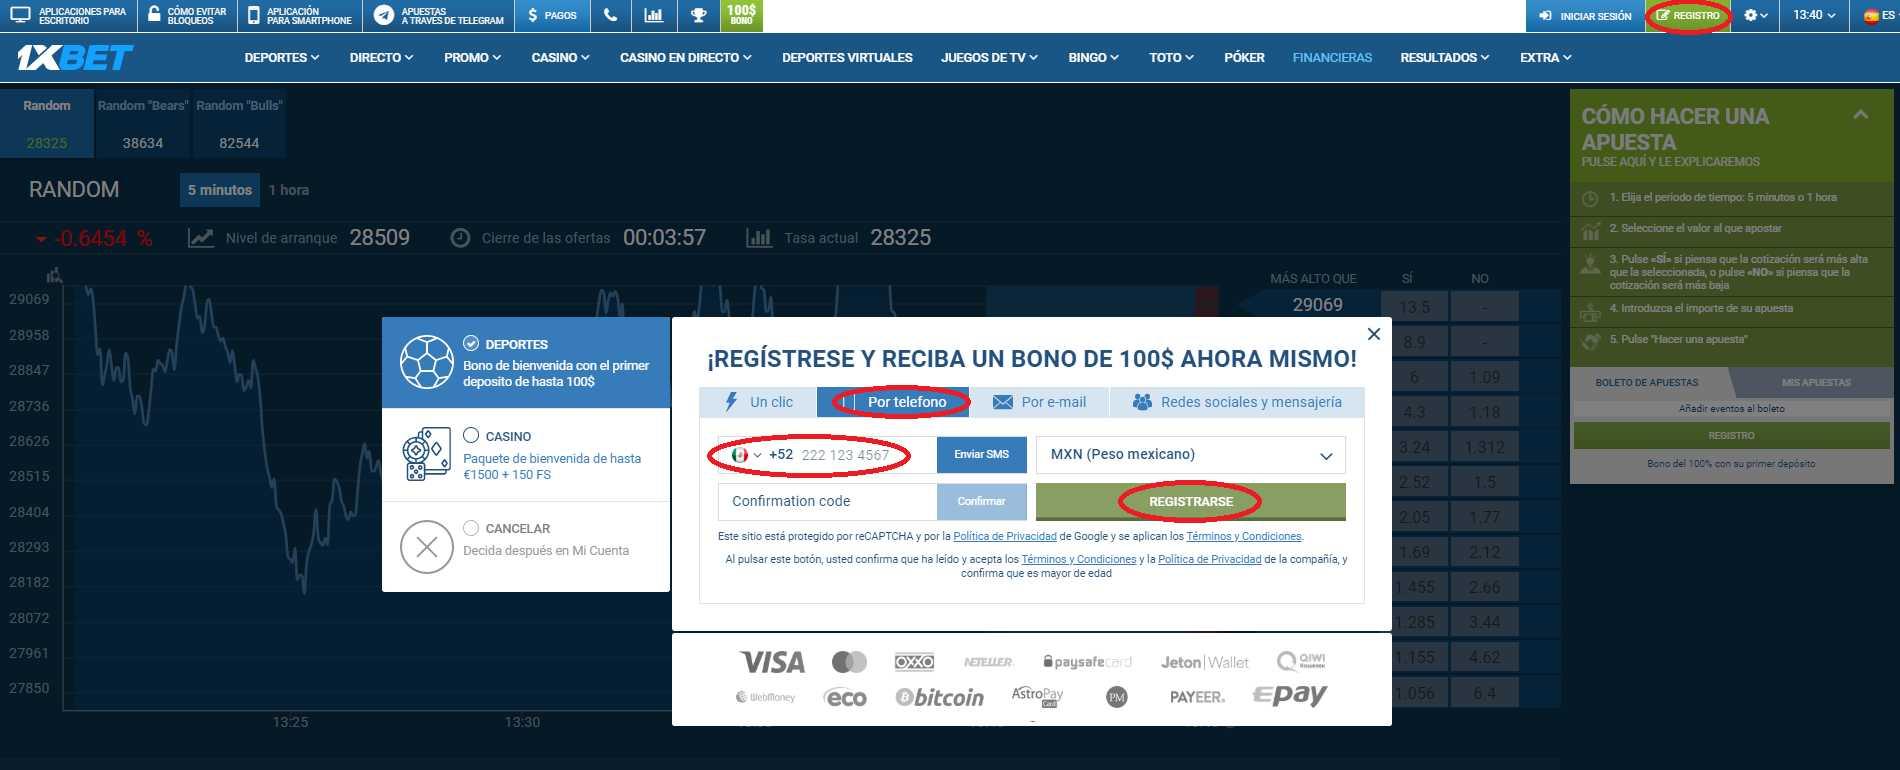 1xBet registro en Mexico lleva las apuestas deportivas a otro nivel